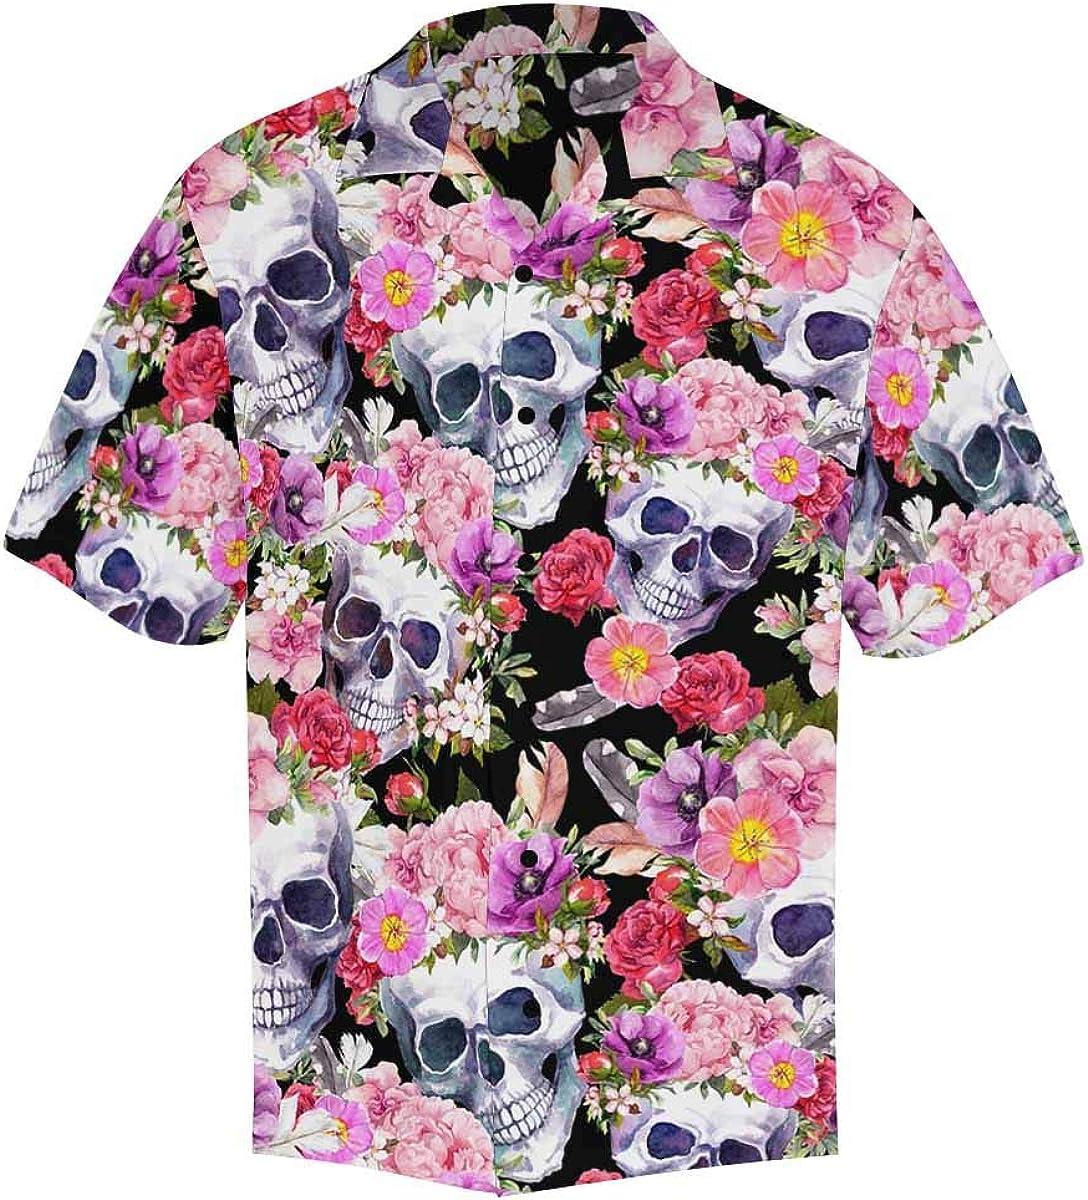 InterestPrint Men's Casual Button Down Short Sleeve Skull Florals Leaves Hawaiian Shirt (S-5XL)